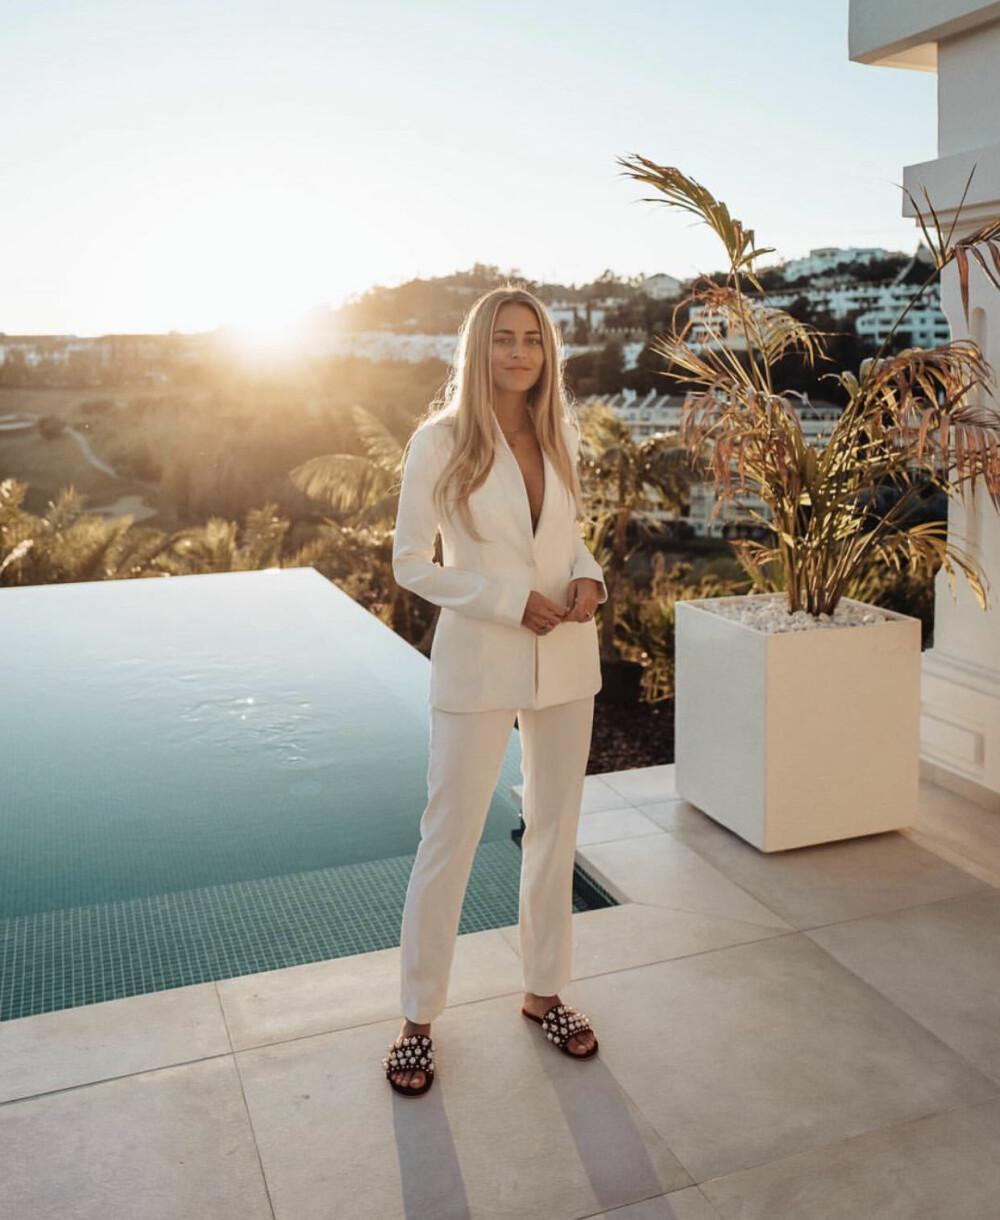 Hvit dress ved bassenget i Marbella.